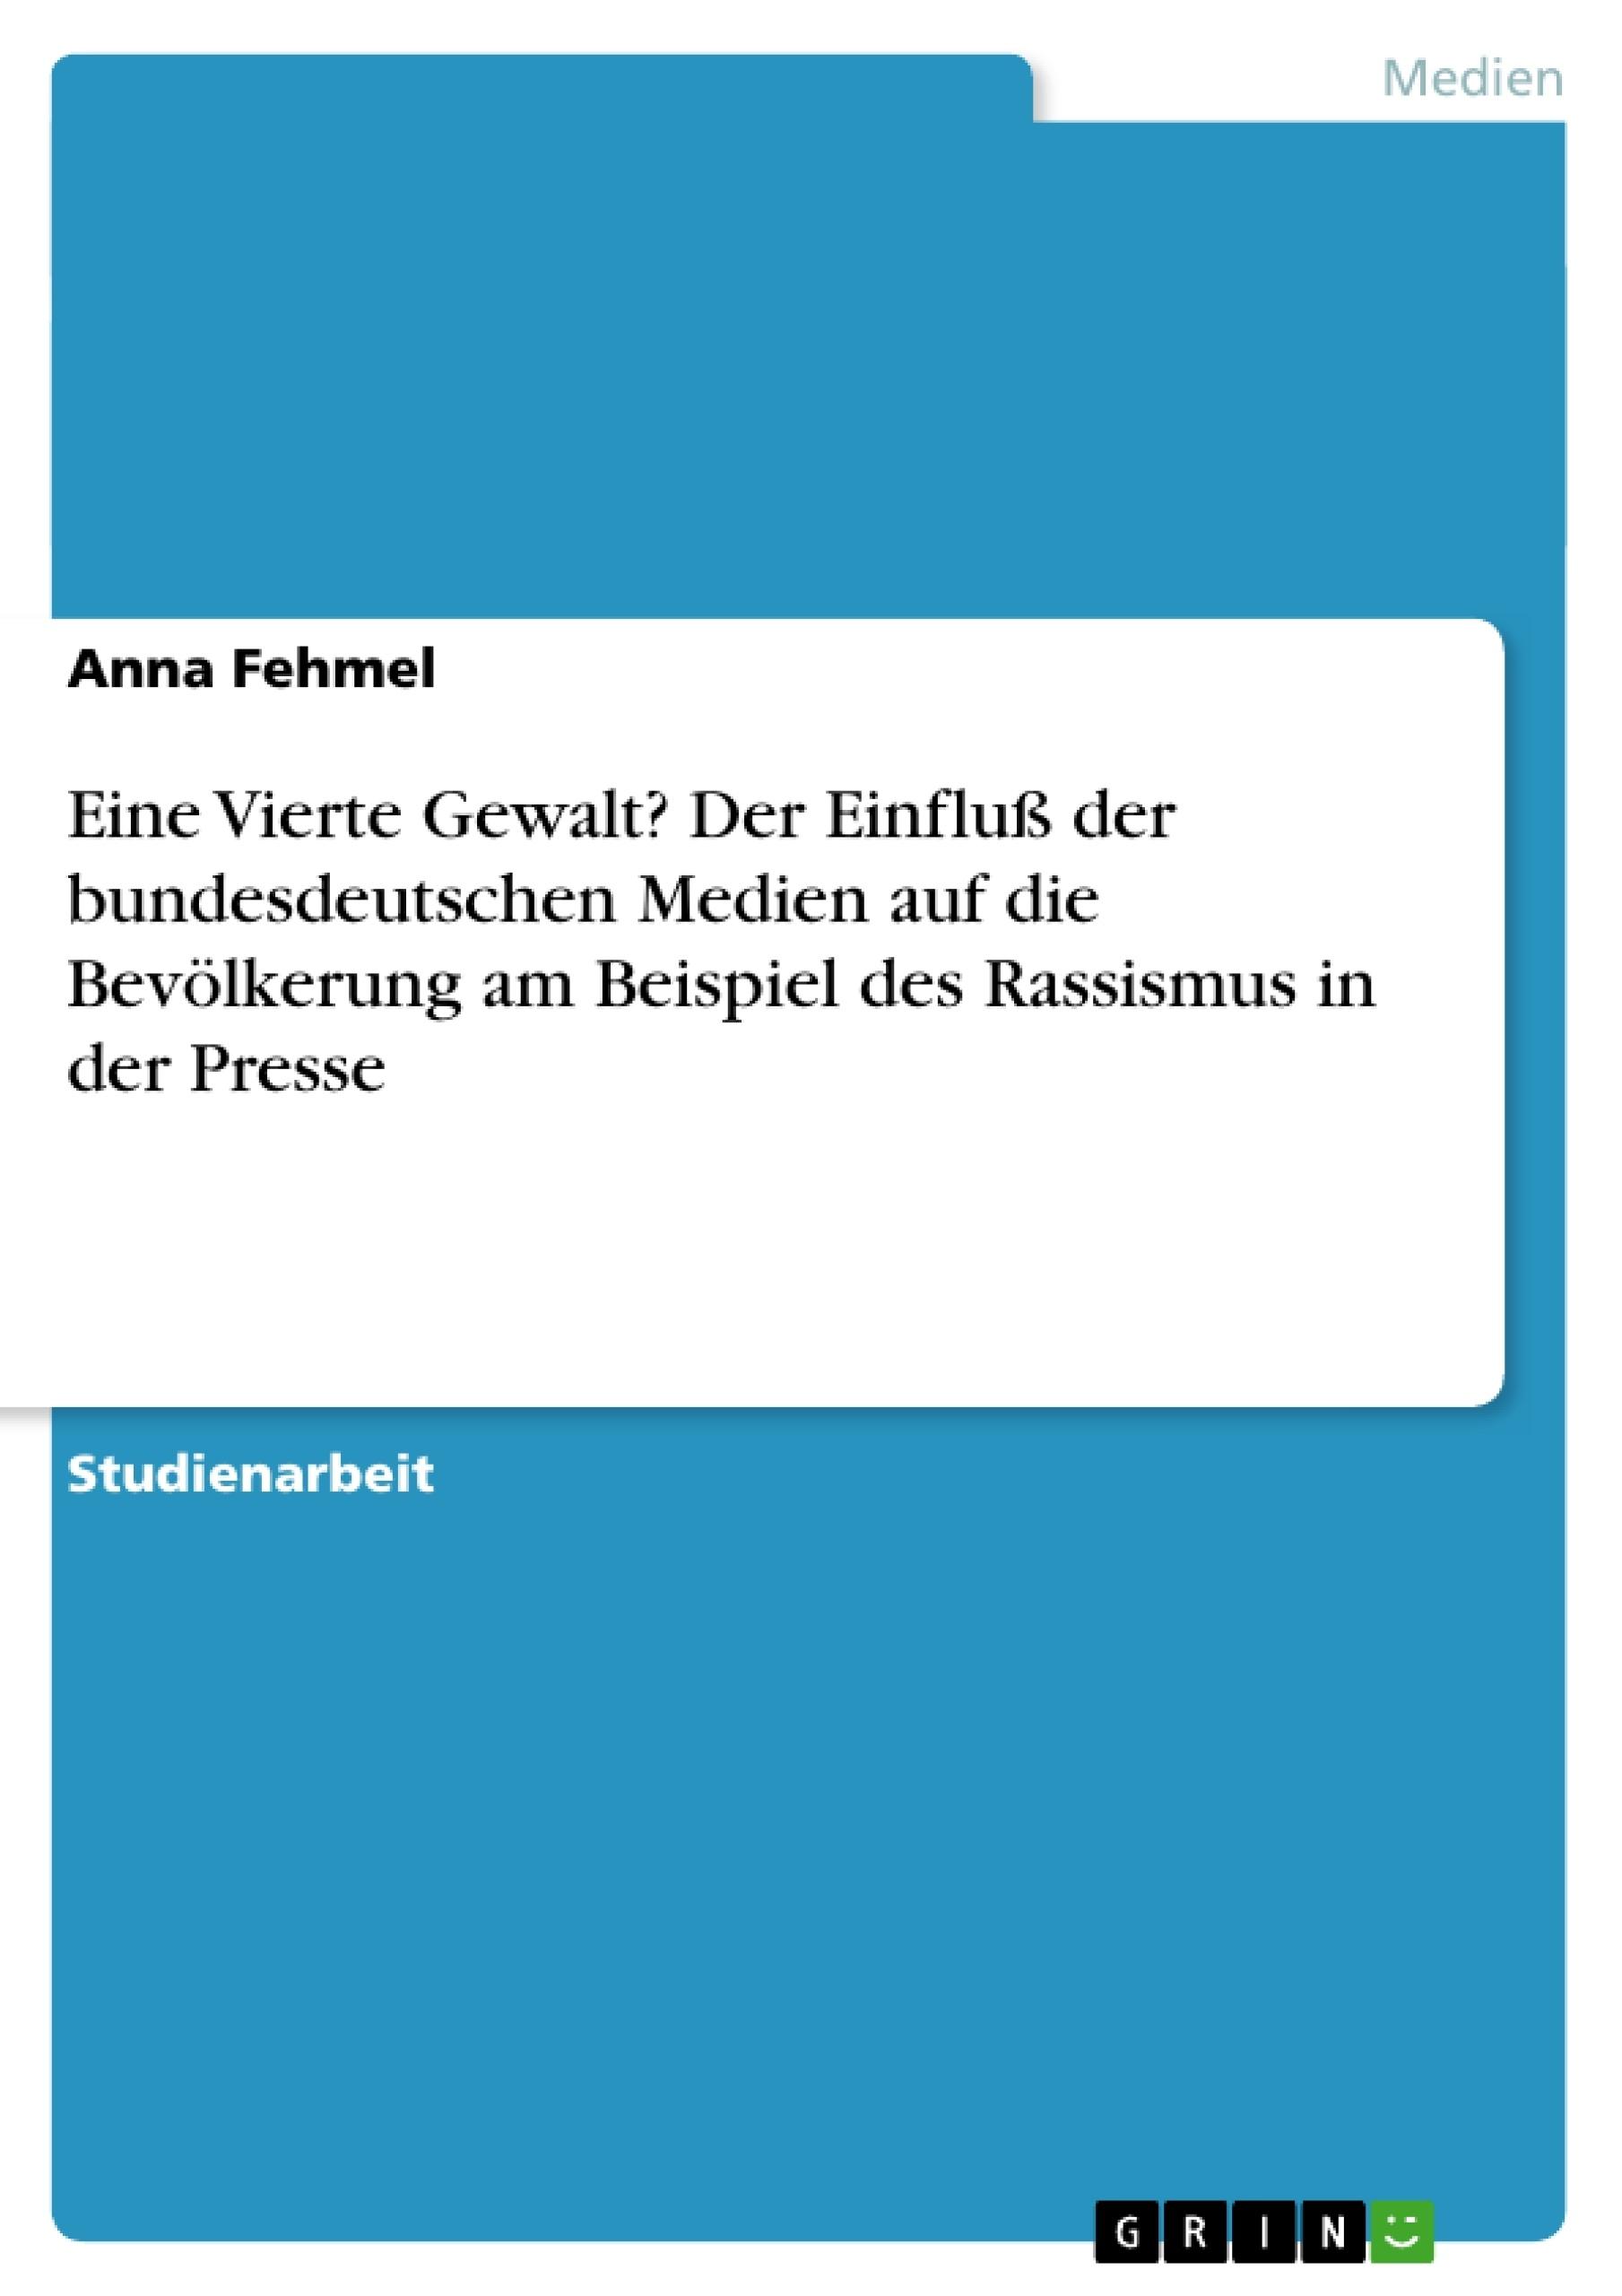 Titel: Eine Vierte Gewalt? Der Einfluß der bundesdeutschen Medien auf die Bevölkerung am Beispiel des Rassismus in der Presse